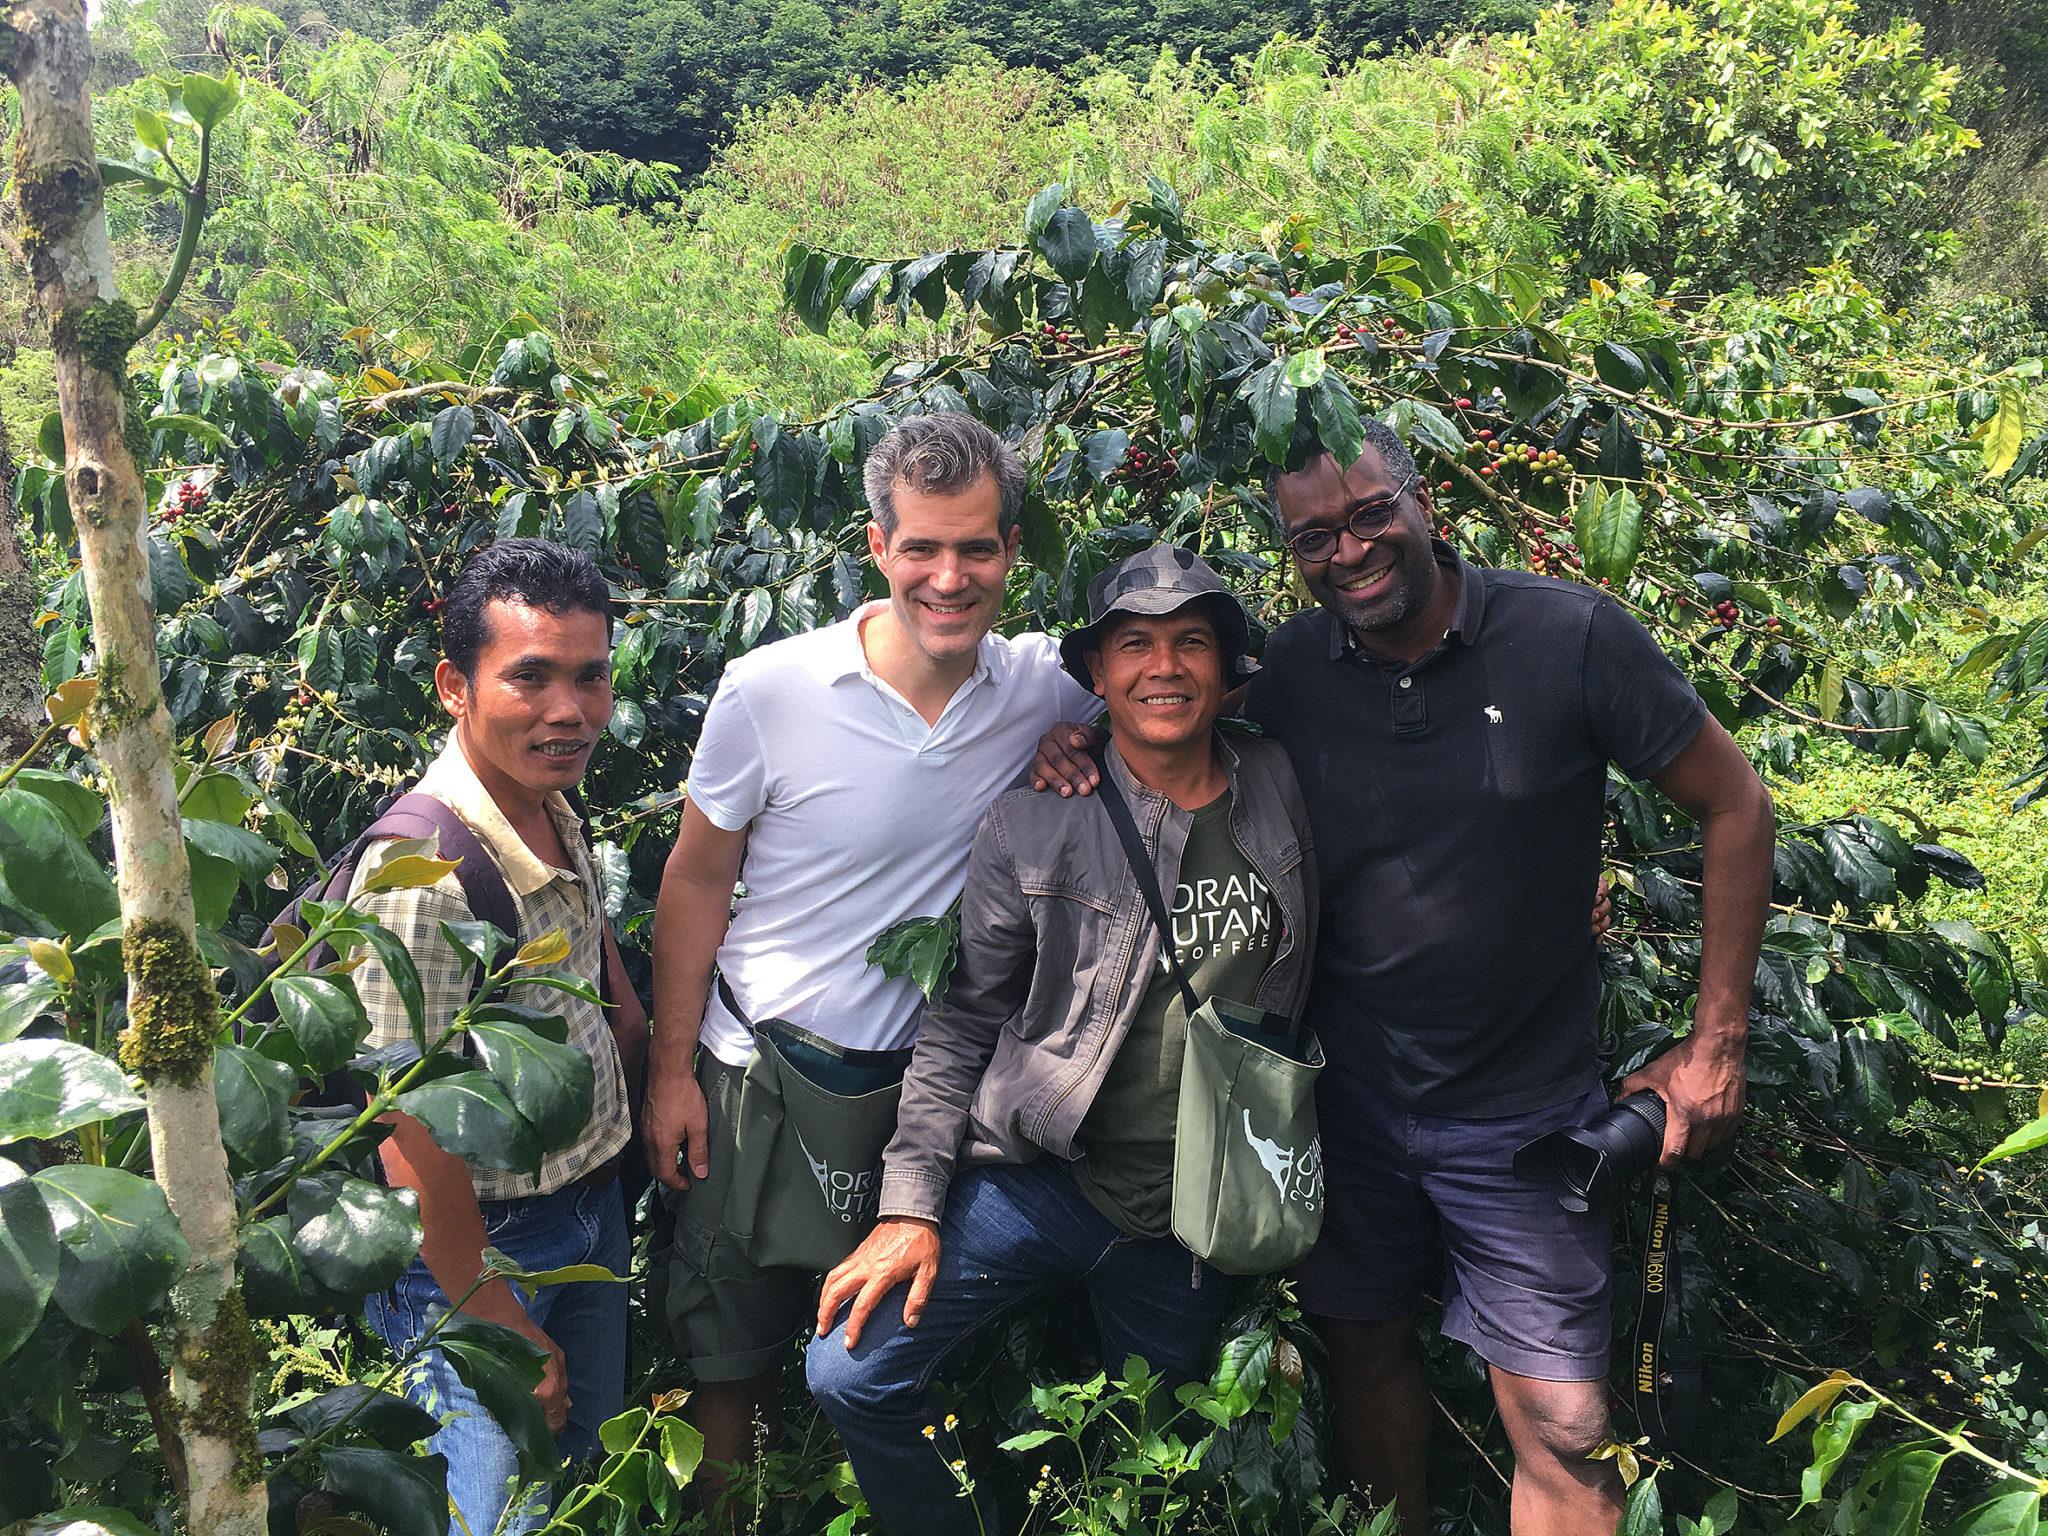 Vicafe auf Besuch bei Orang-Utan Coffee